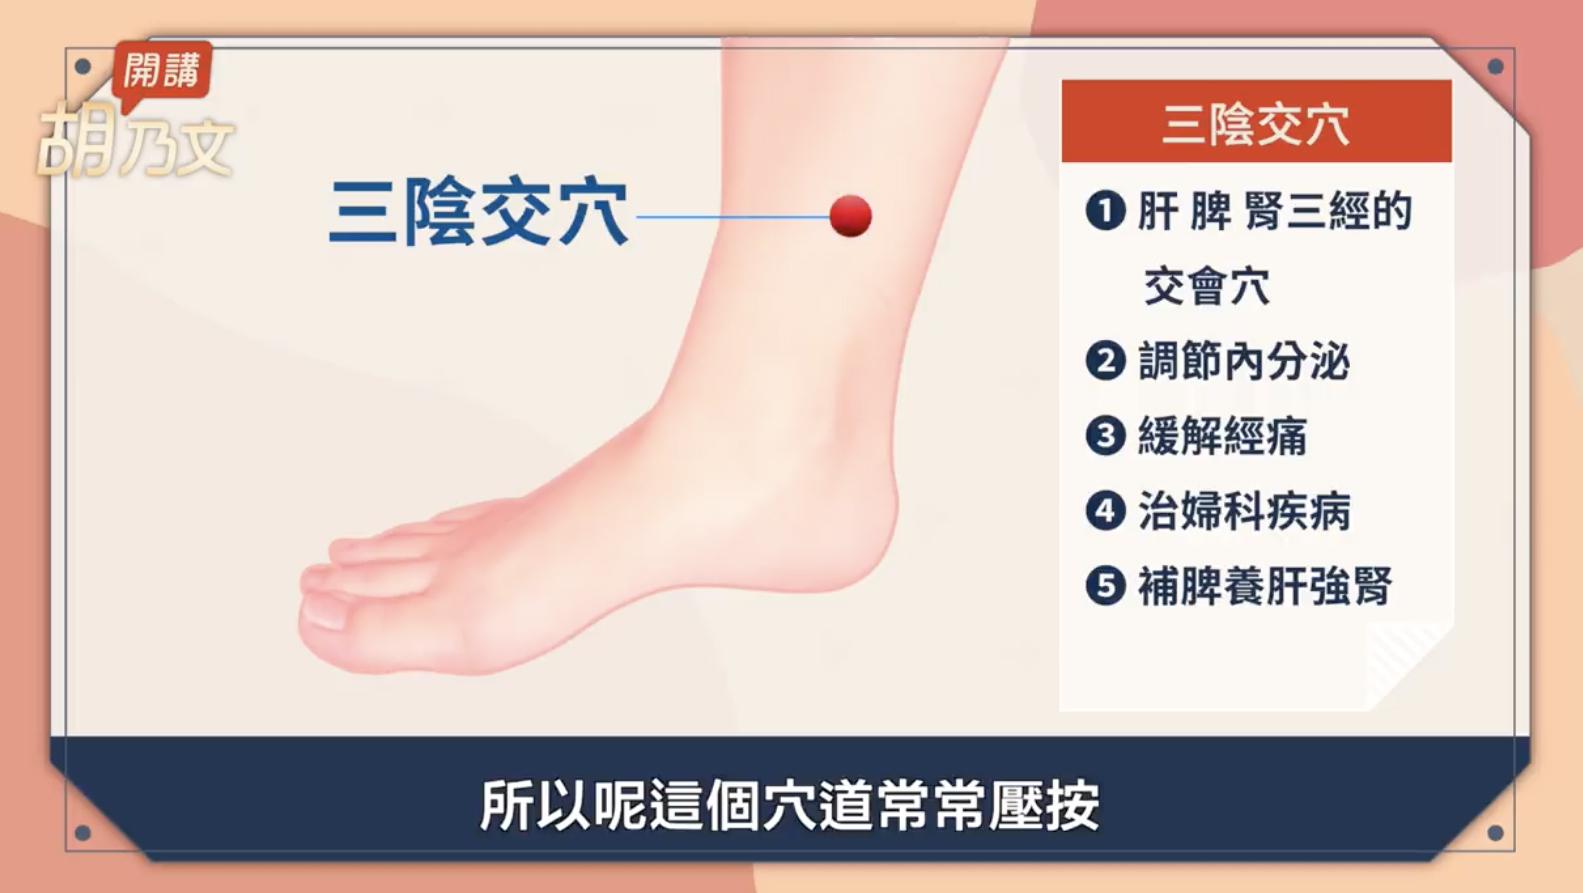 【胡乃文開講】月經怎麼補?3個穴位1類食物解經痛 | 止痛 | 痛經 | 中醫 | 大紀元